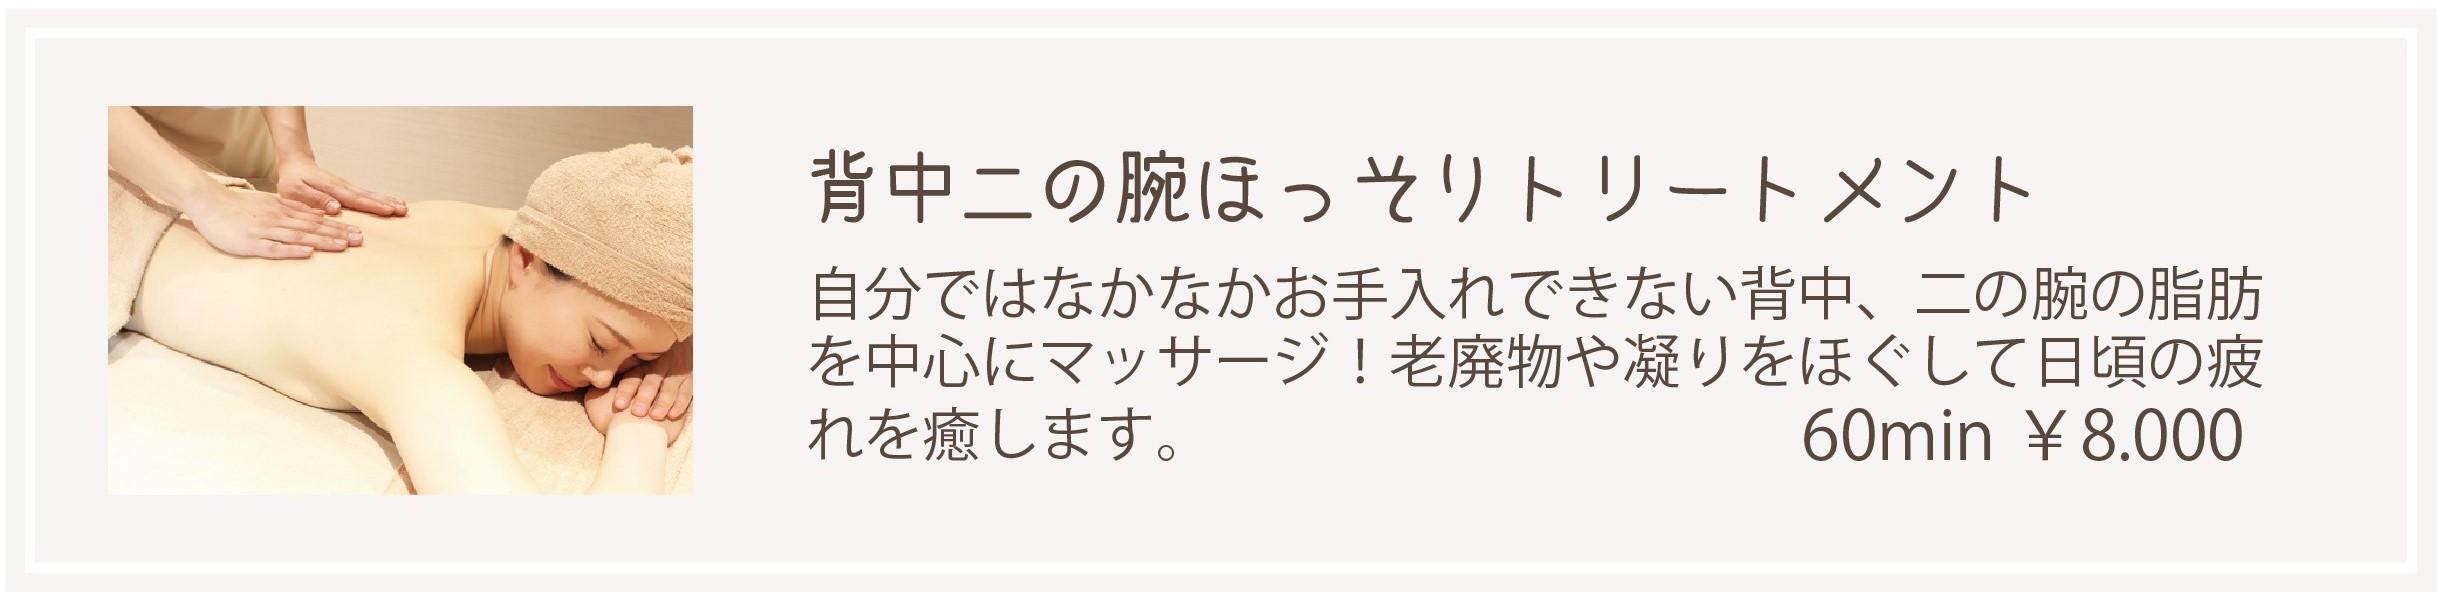 ボディメニュー (3)